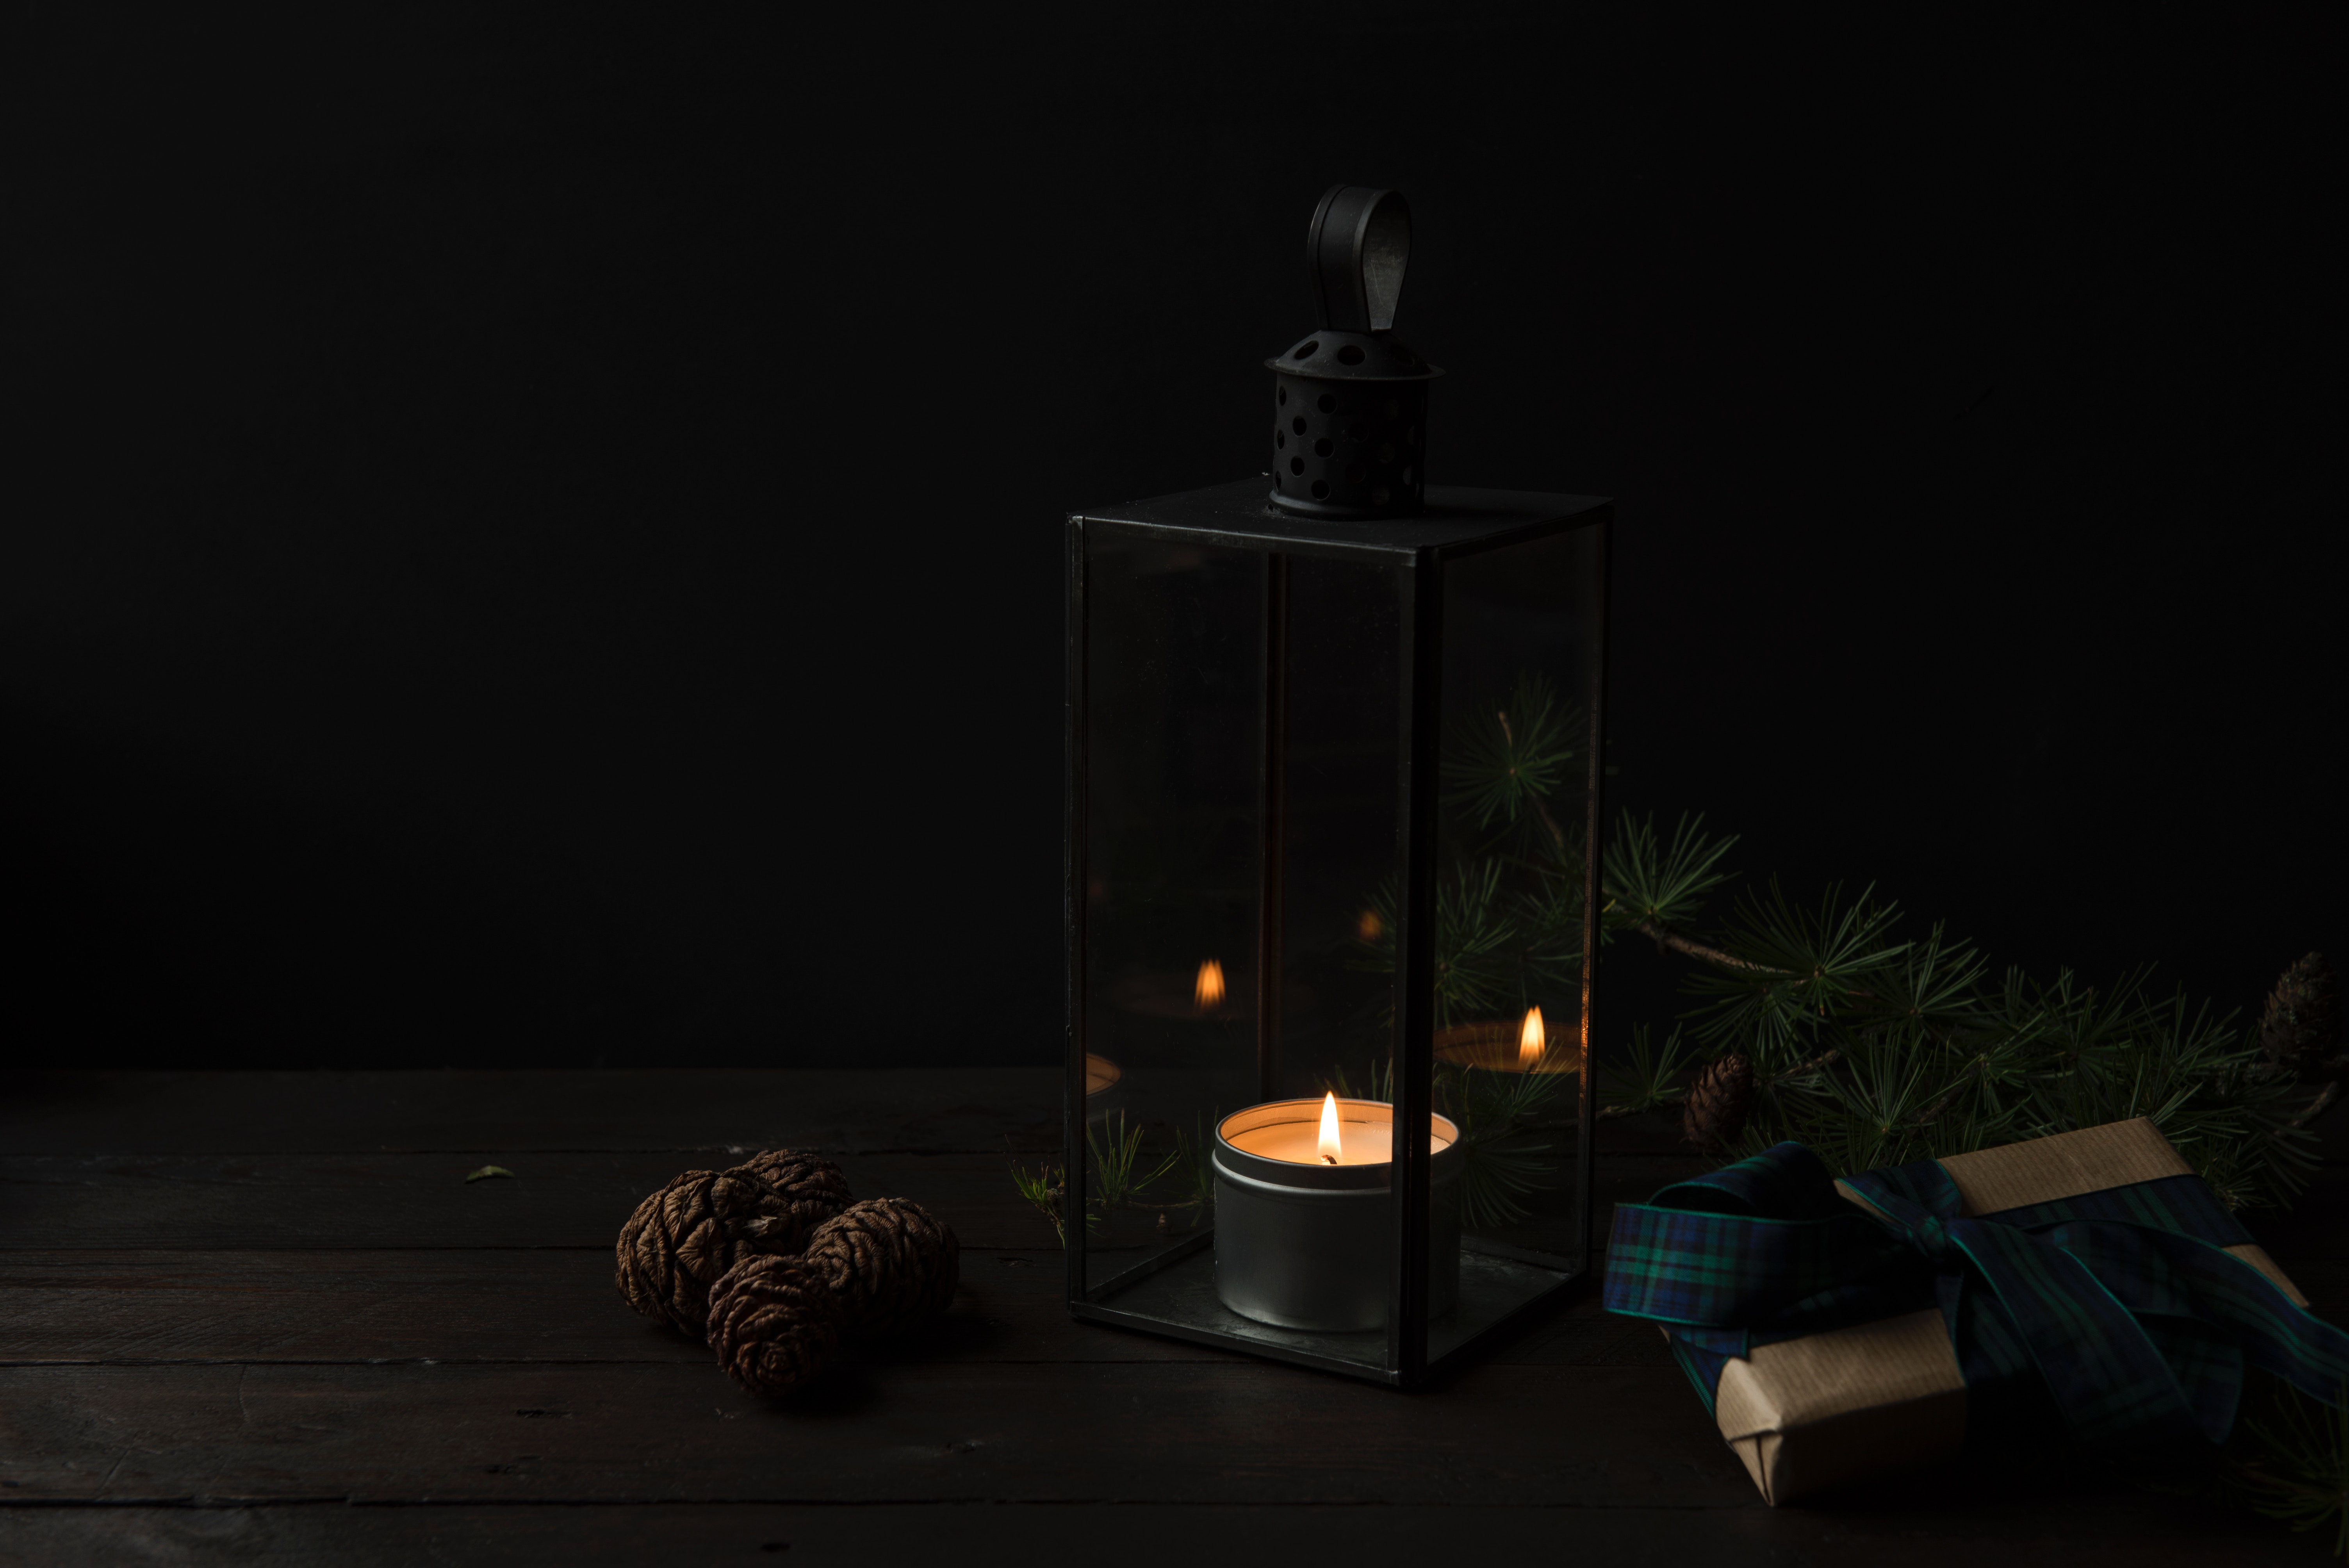 132365 скачать обои Темные, Подсвечник, Свеча, Подарки, Темный - заставки и картинки бесплатно